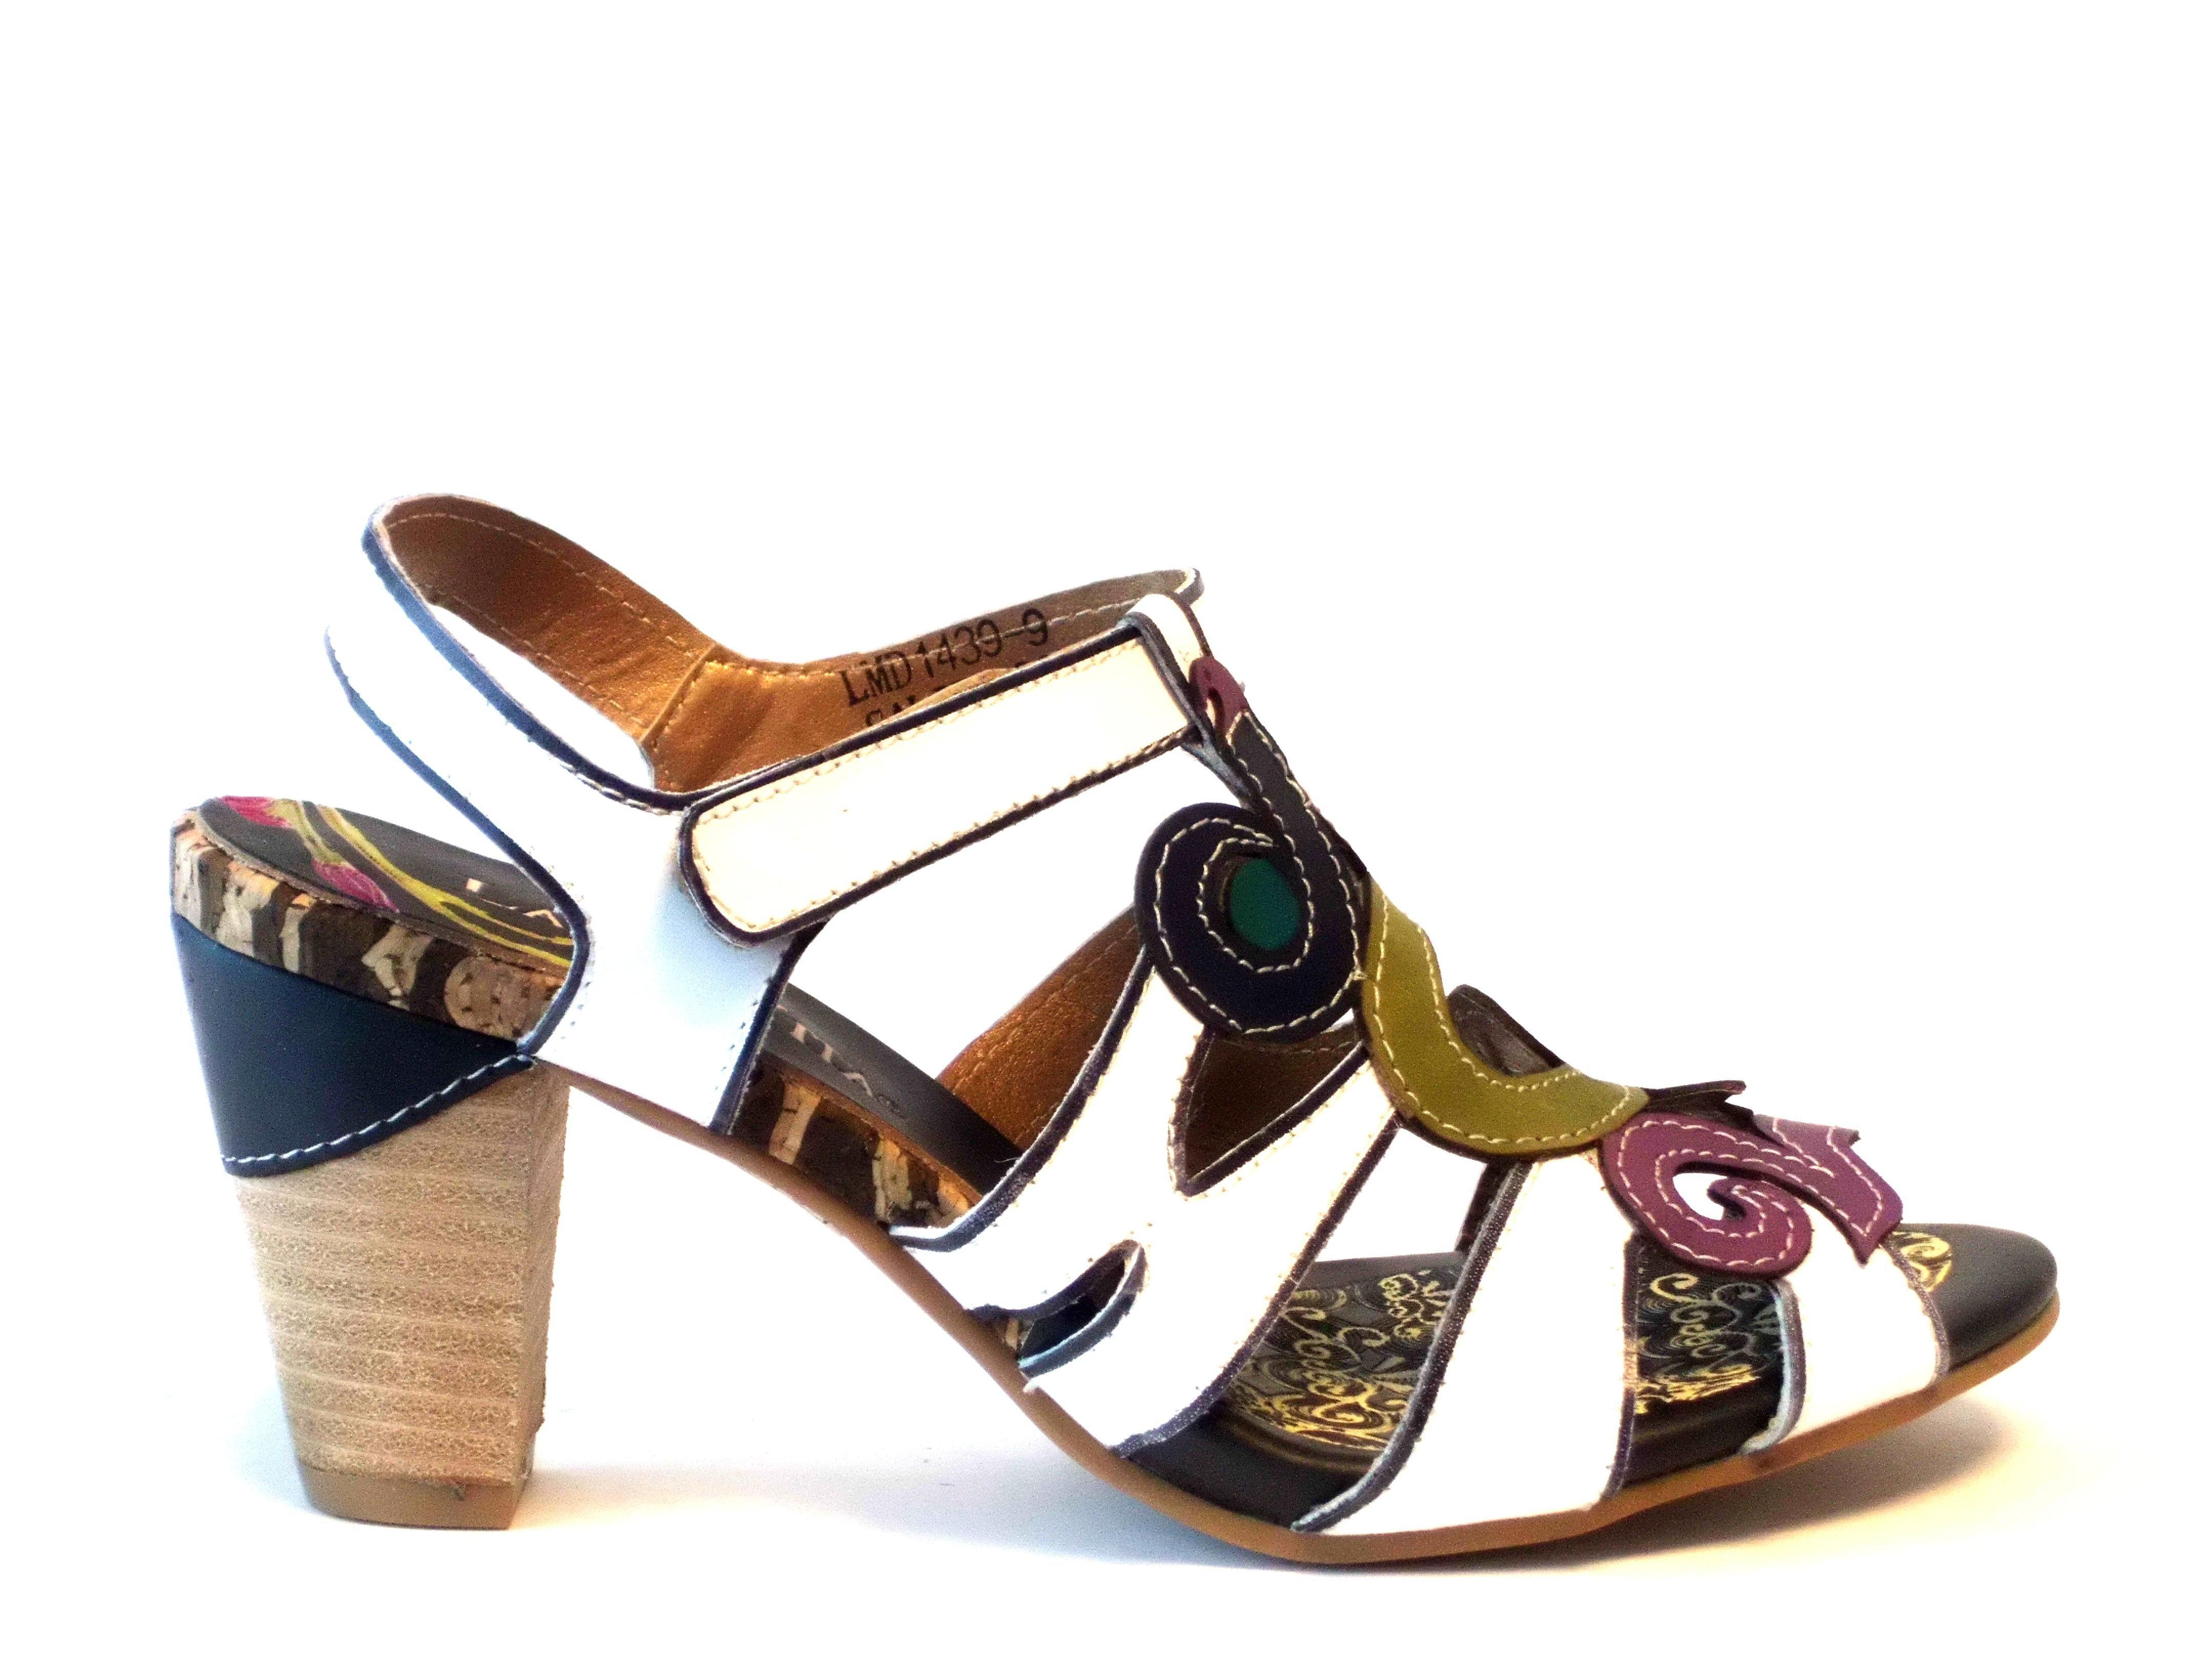 Laura Vita Vexe, Sandales Bout ouvert femme - gris - Grau (Gris), 37 | S  comme shoes, soulier | Pinterest